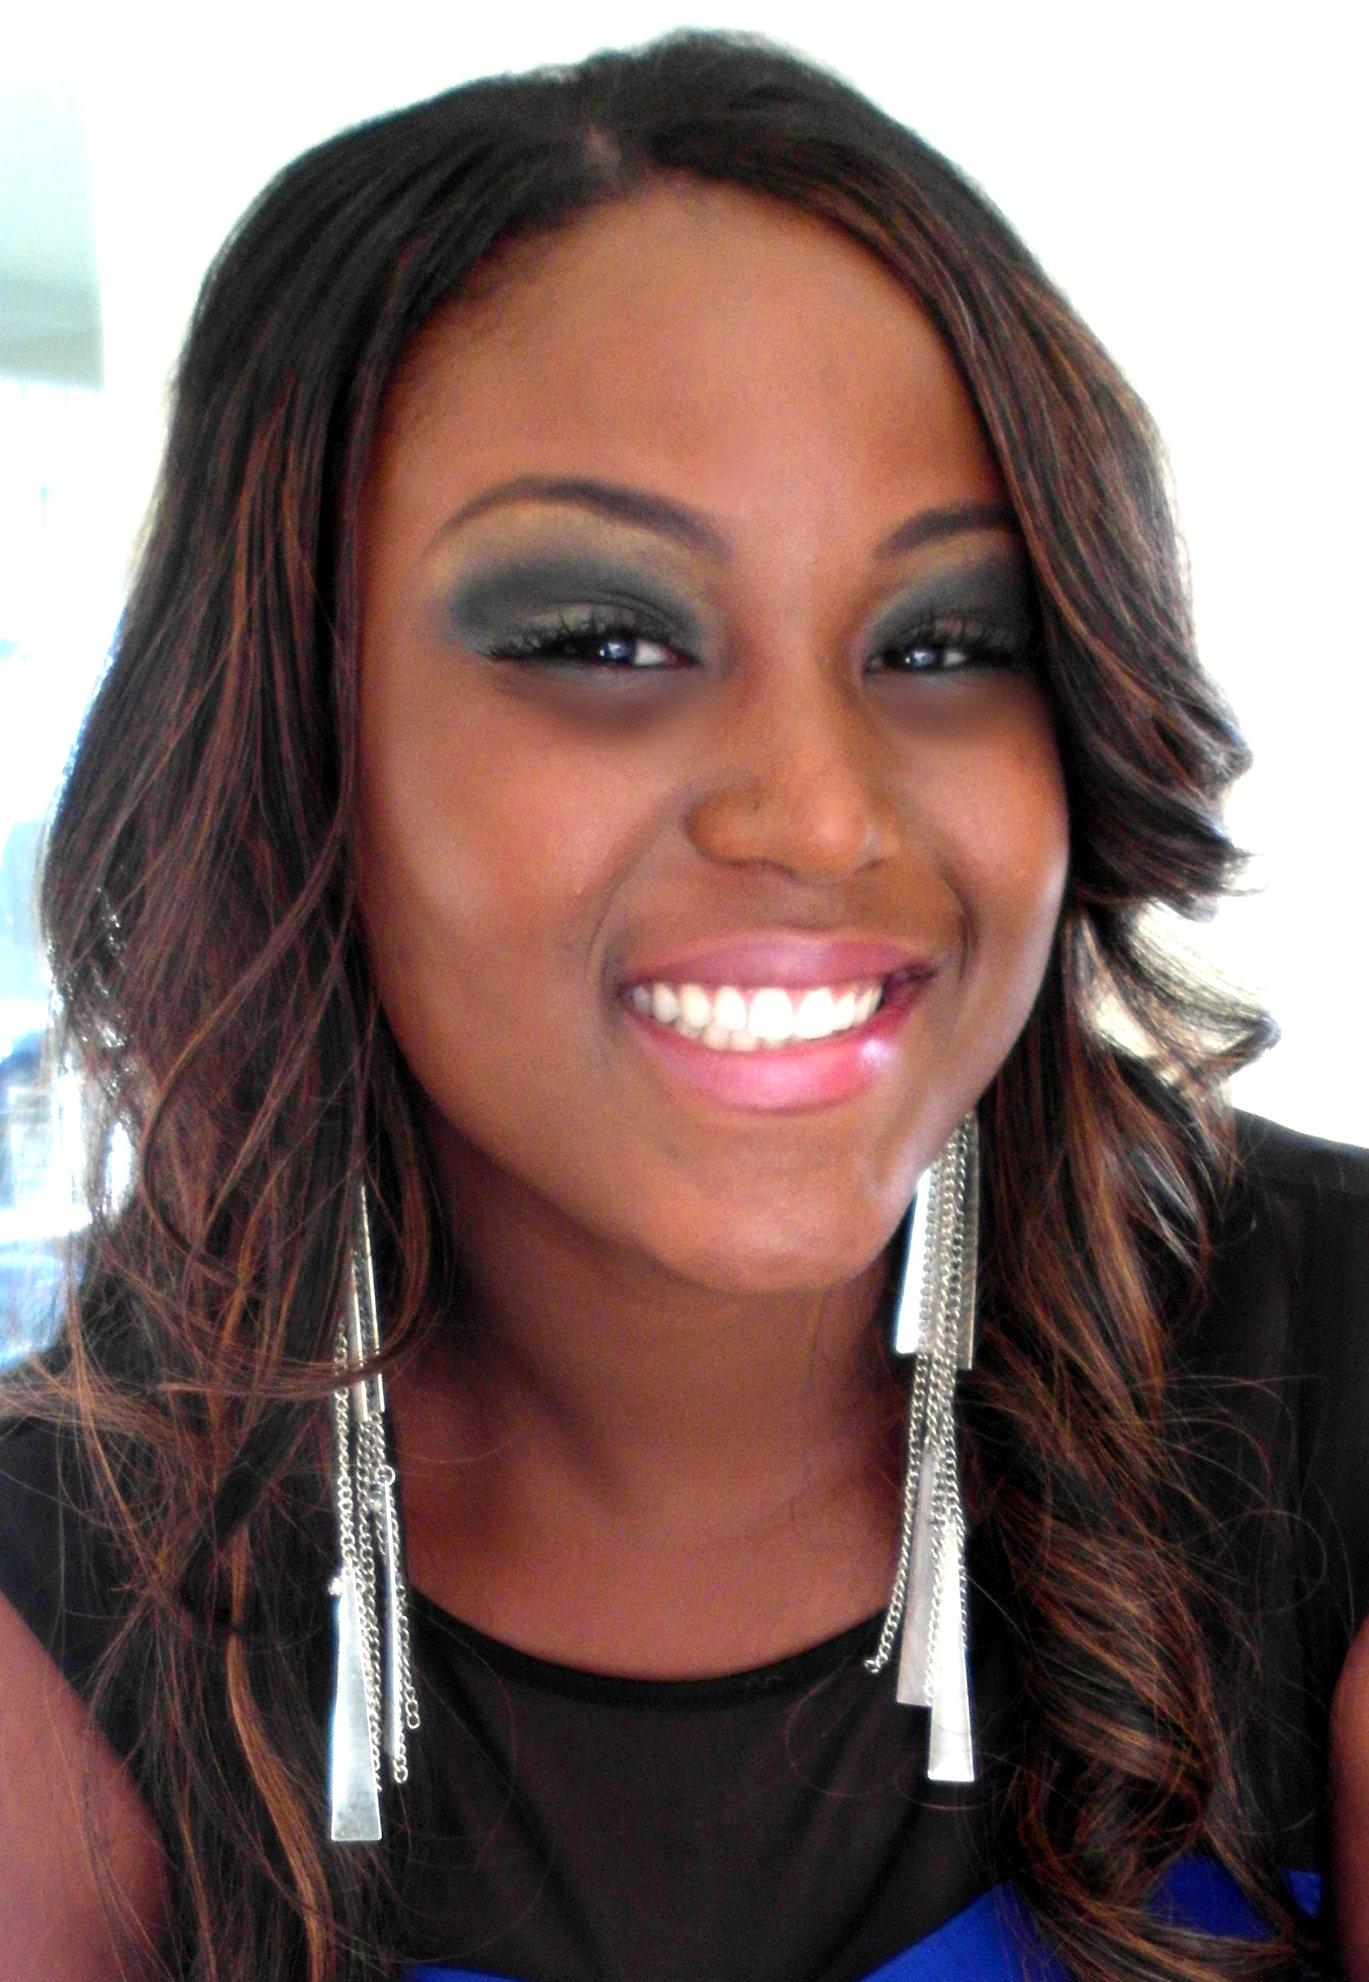 R&B/Soul singer Mercedes York